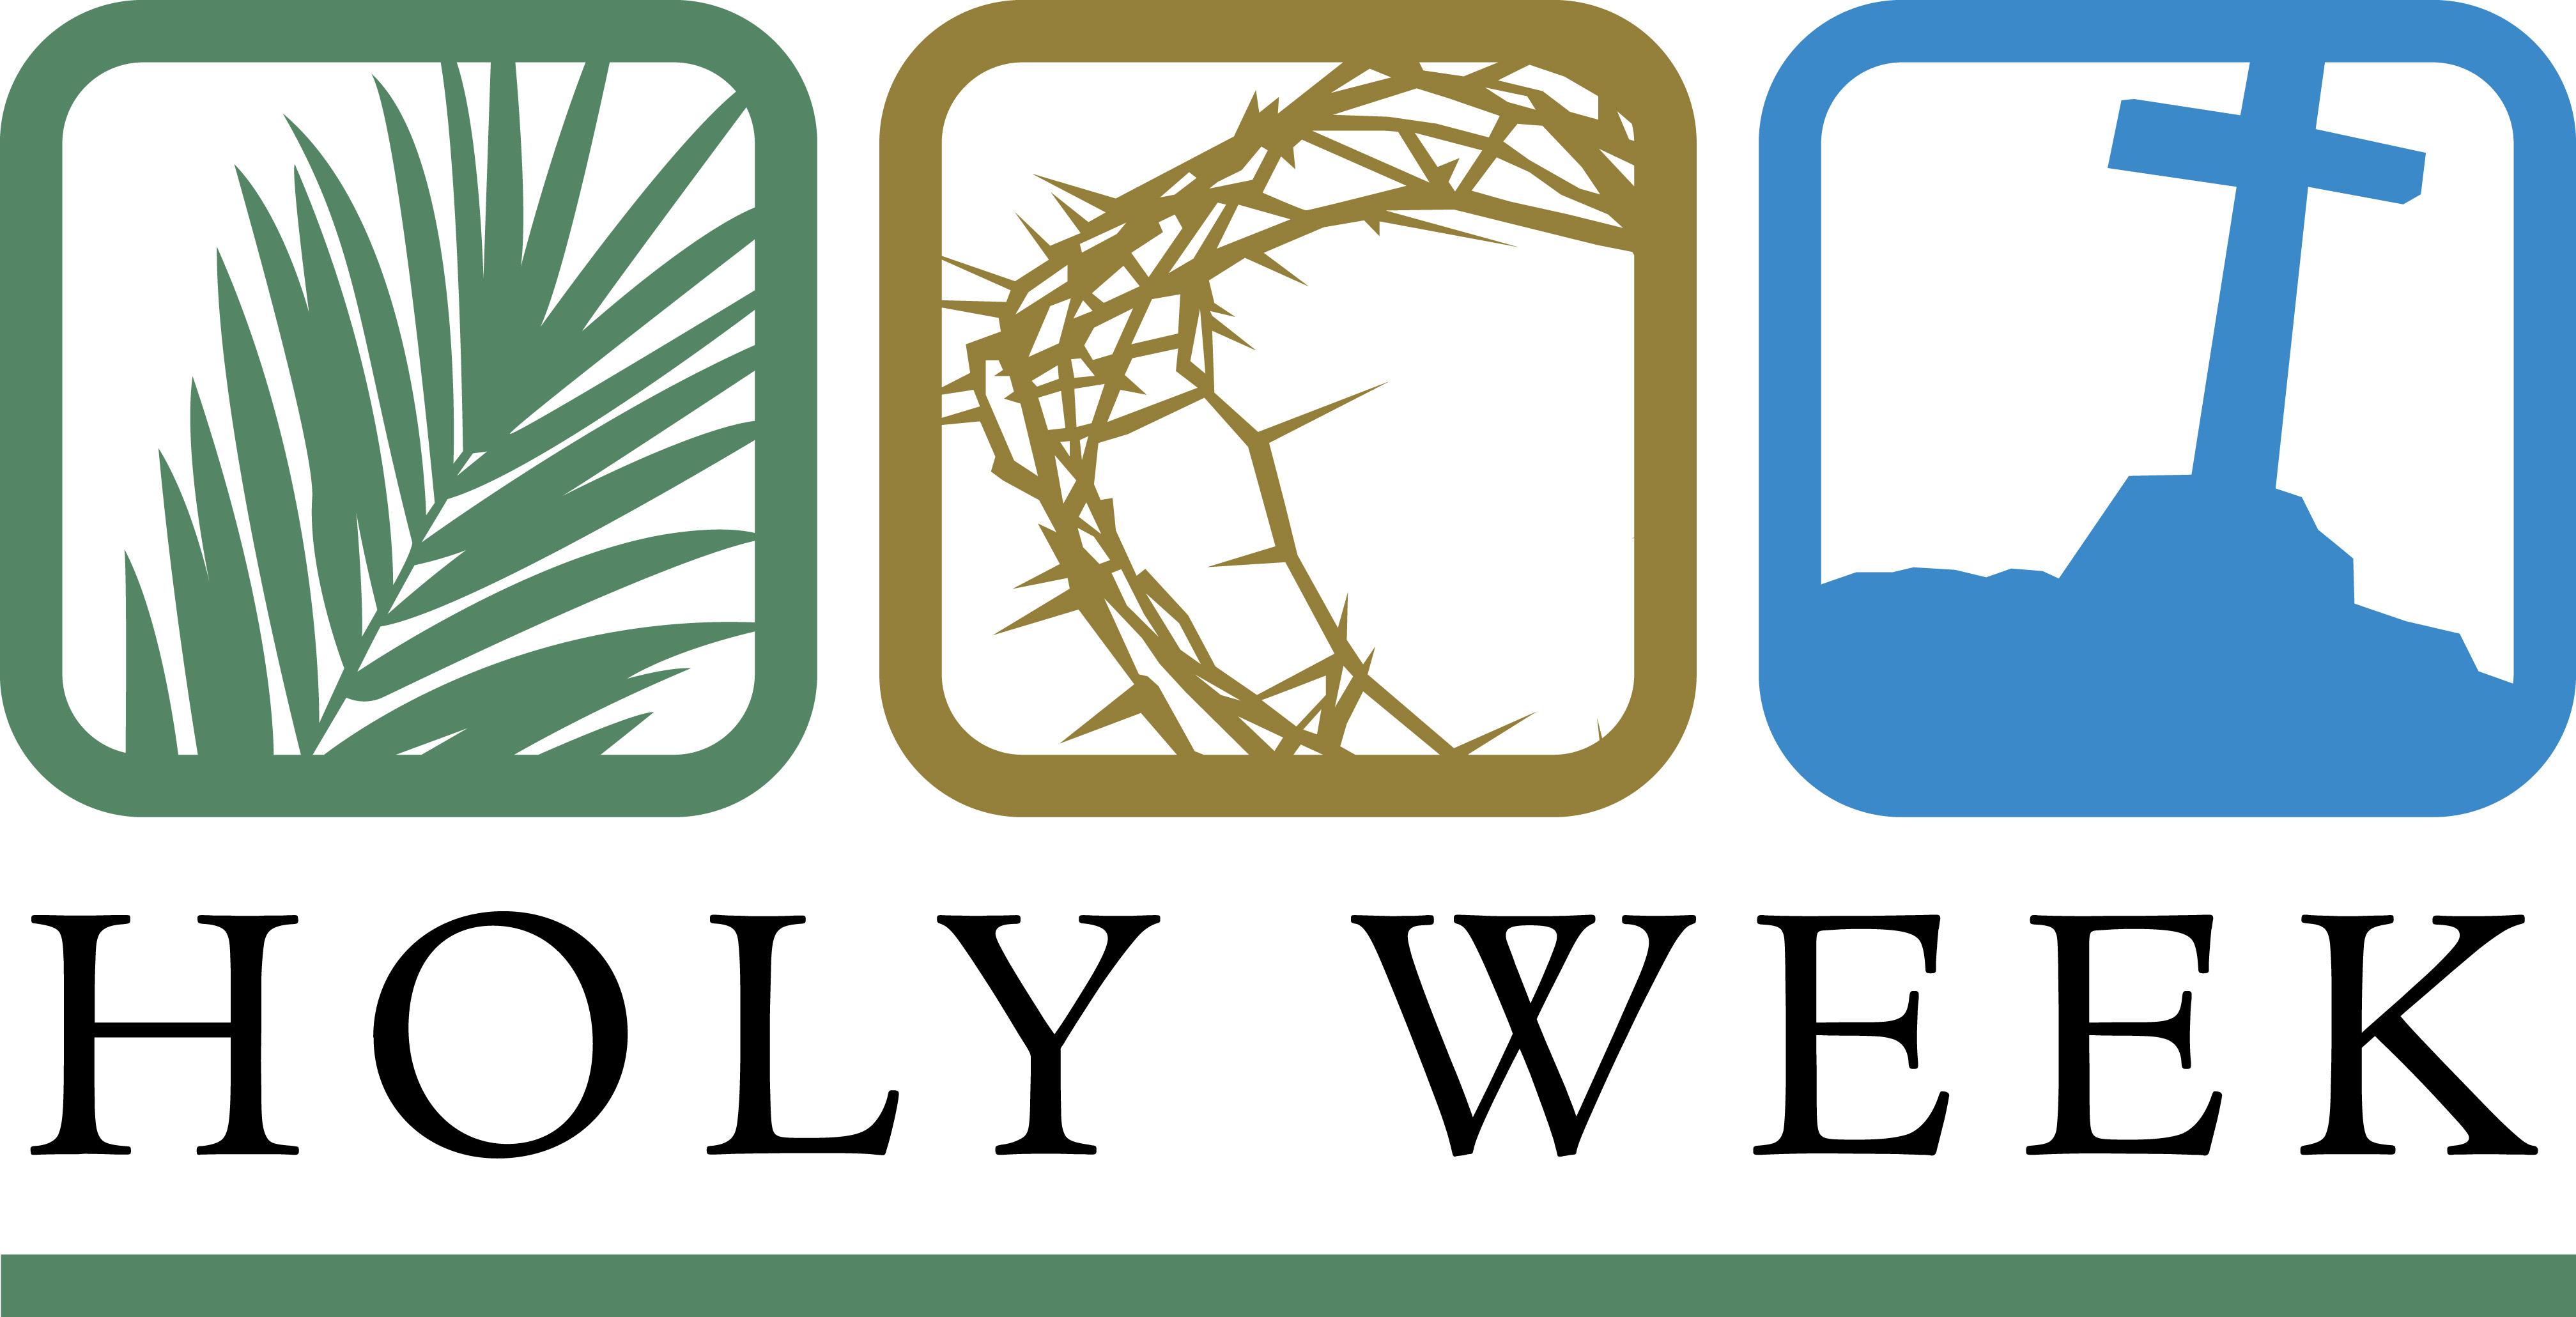 Holy-Week-Destinations-in-Cagayan-de-Oro